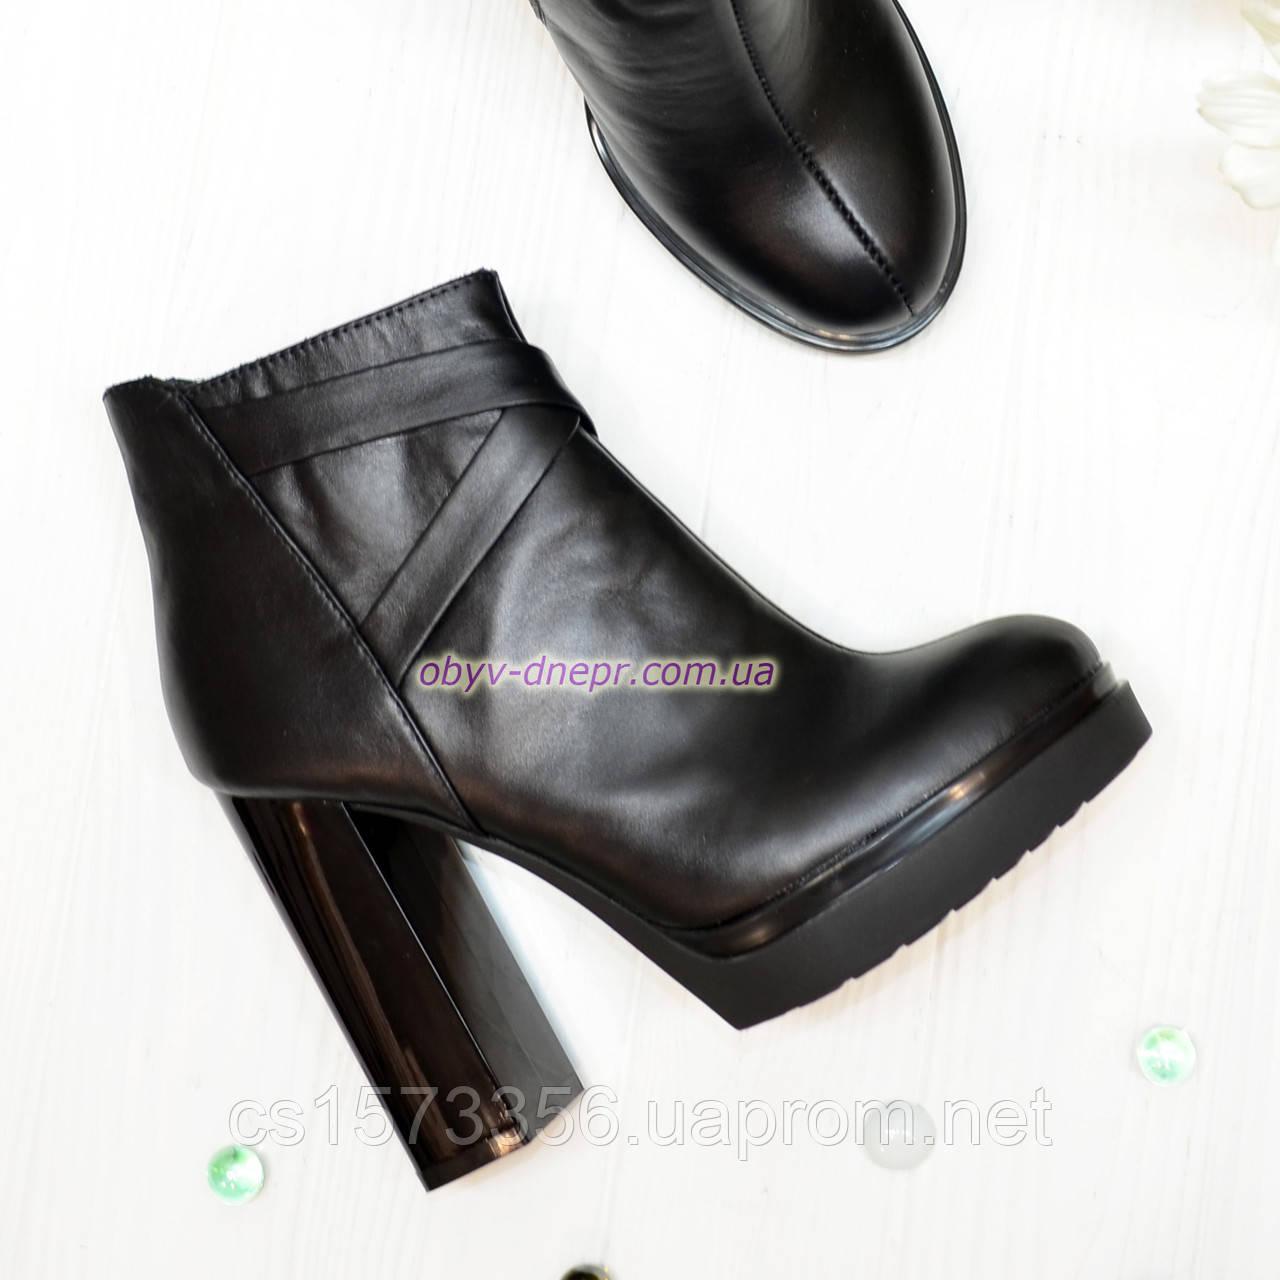 Зимние женские классические ботинки на высоком каблуке, из натуральной черной кожи